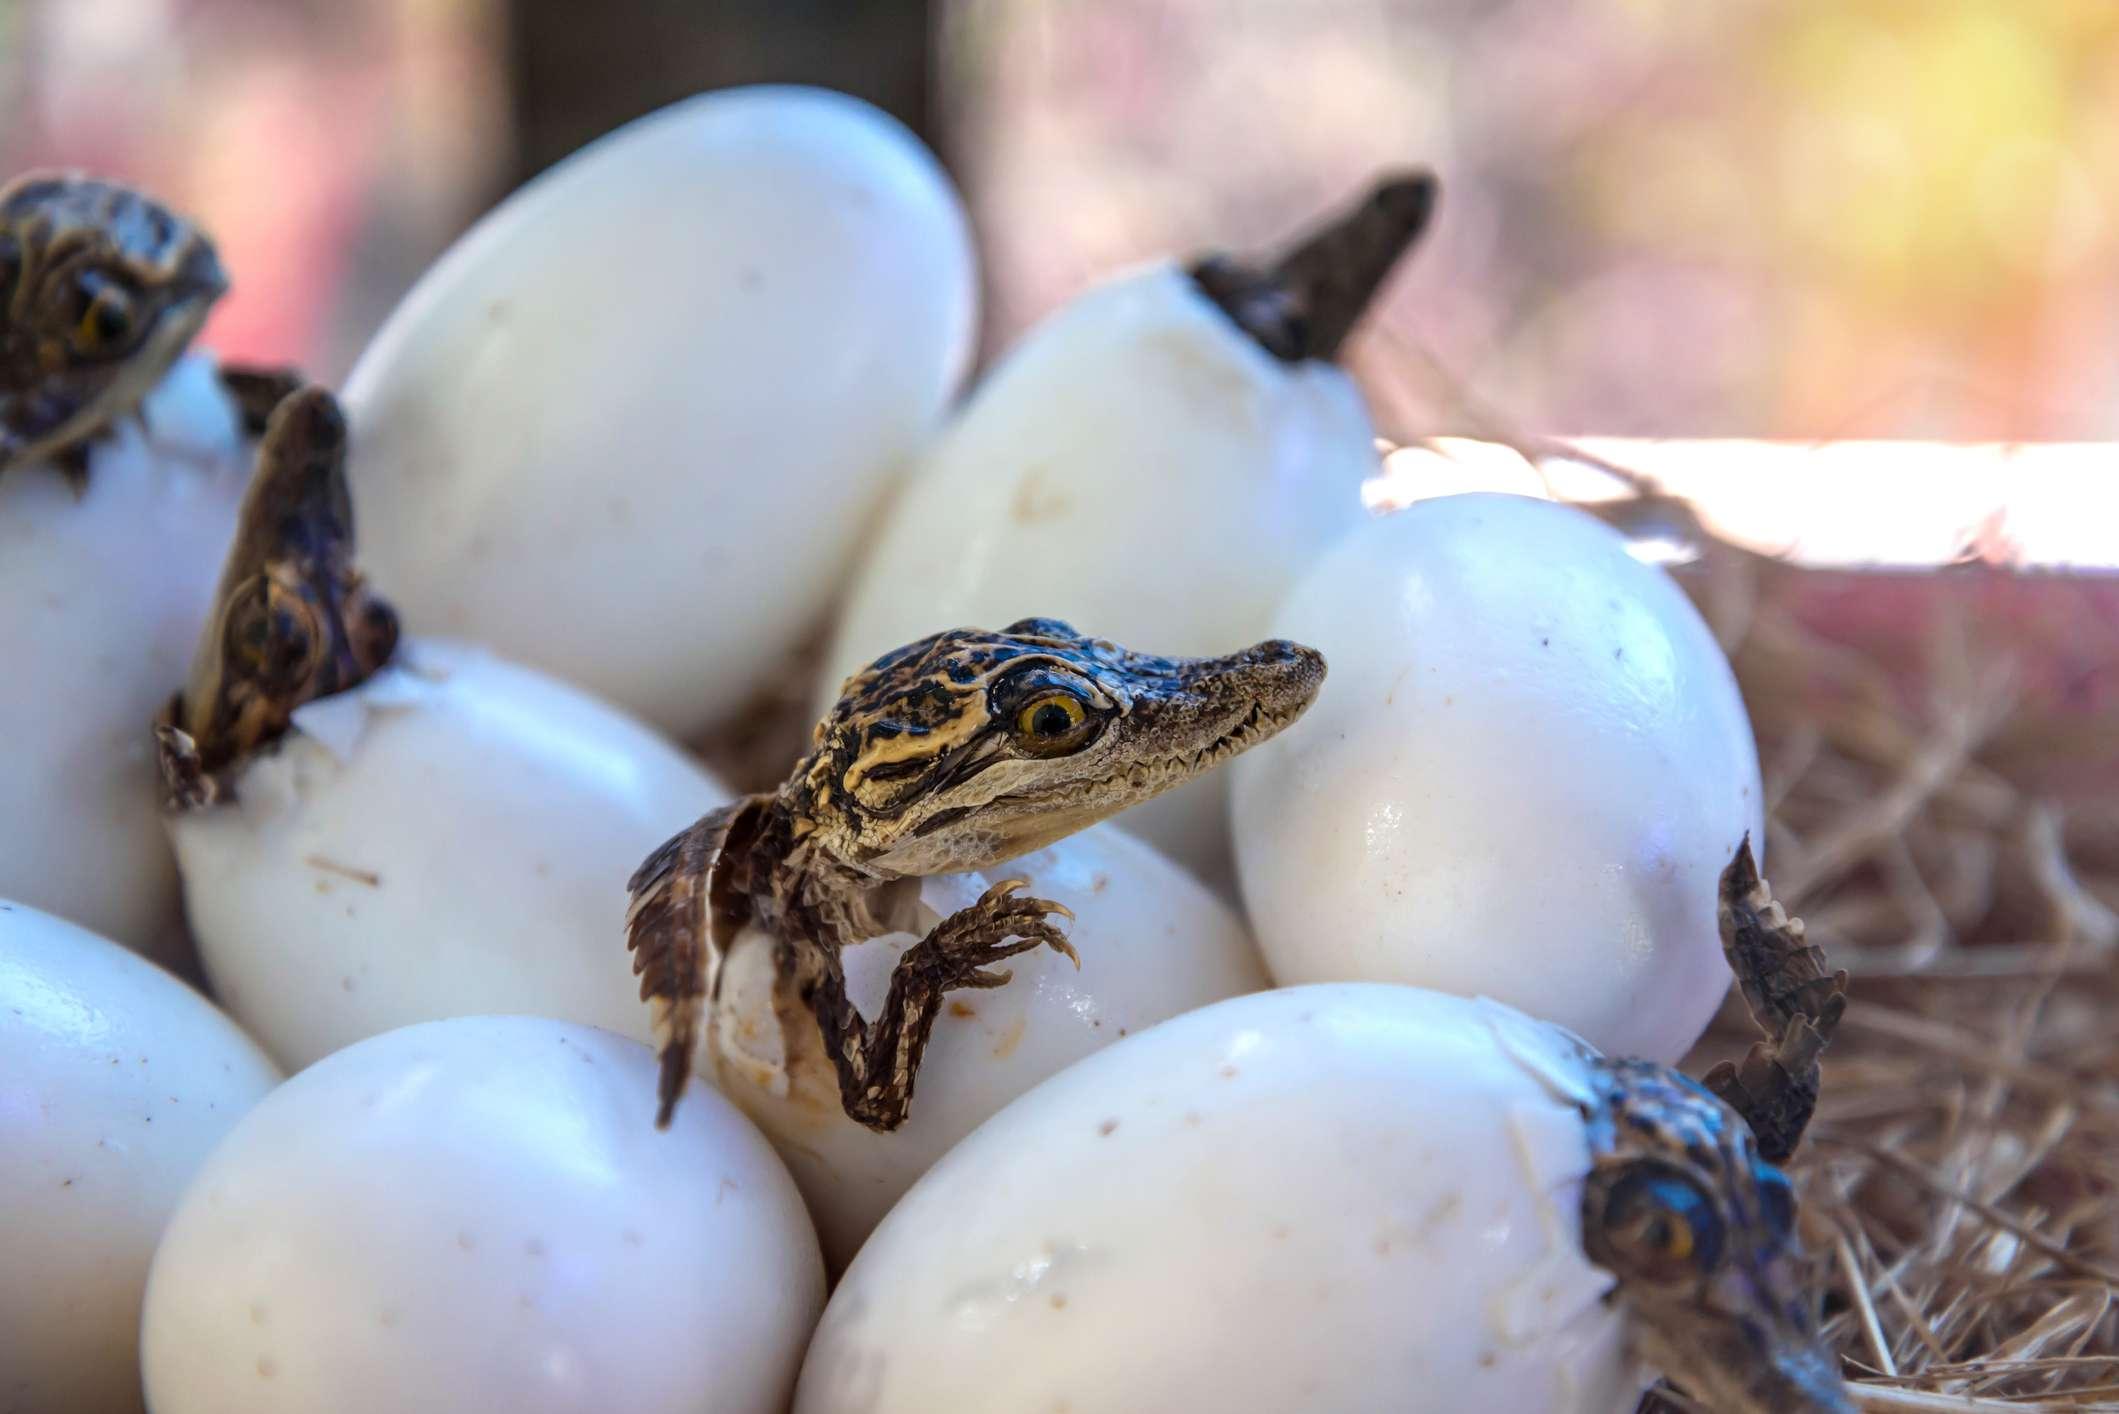 Alligator eggs hatching